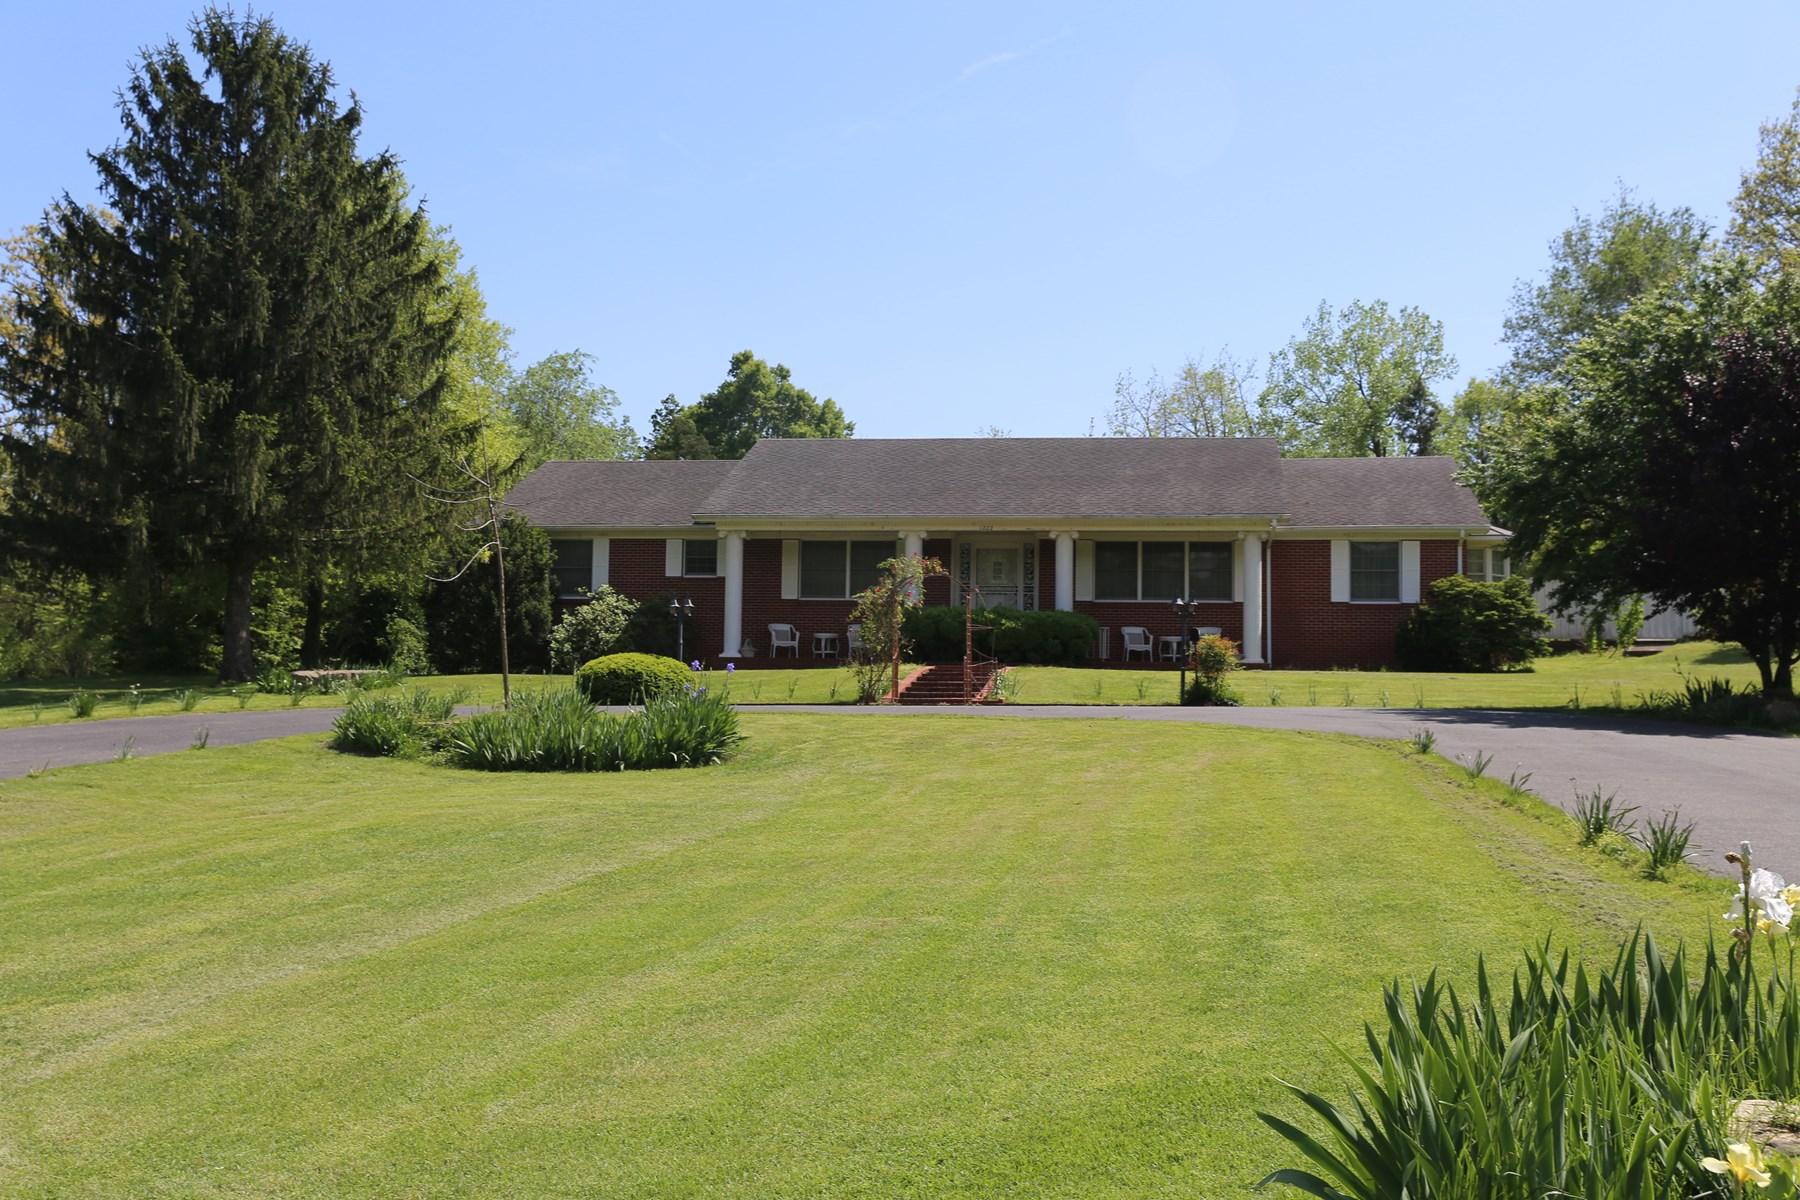 For Sale West Plains city limits Executive Brick Home